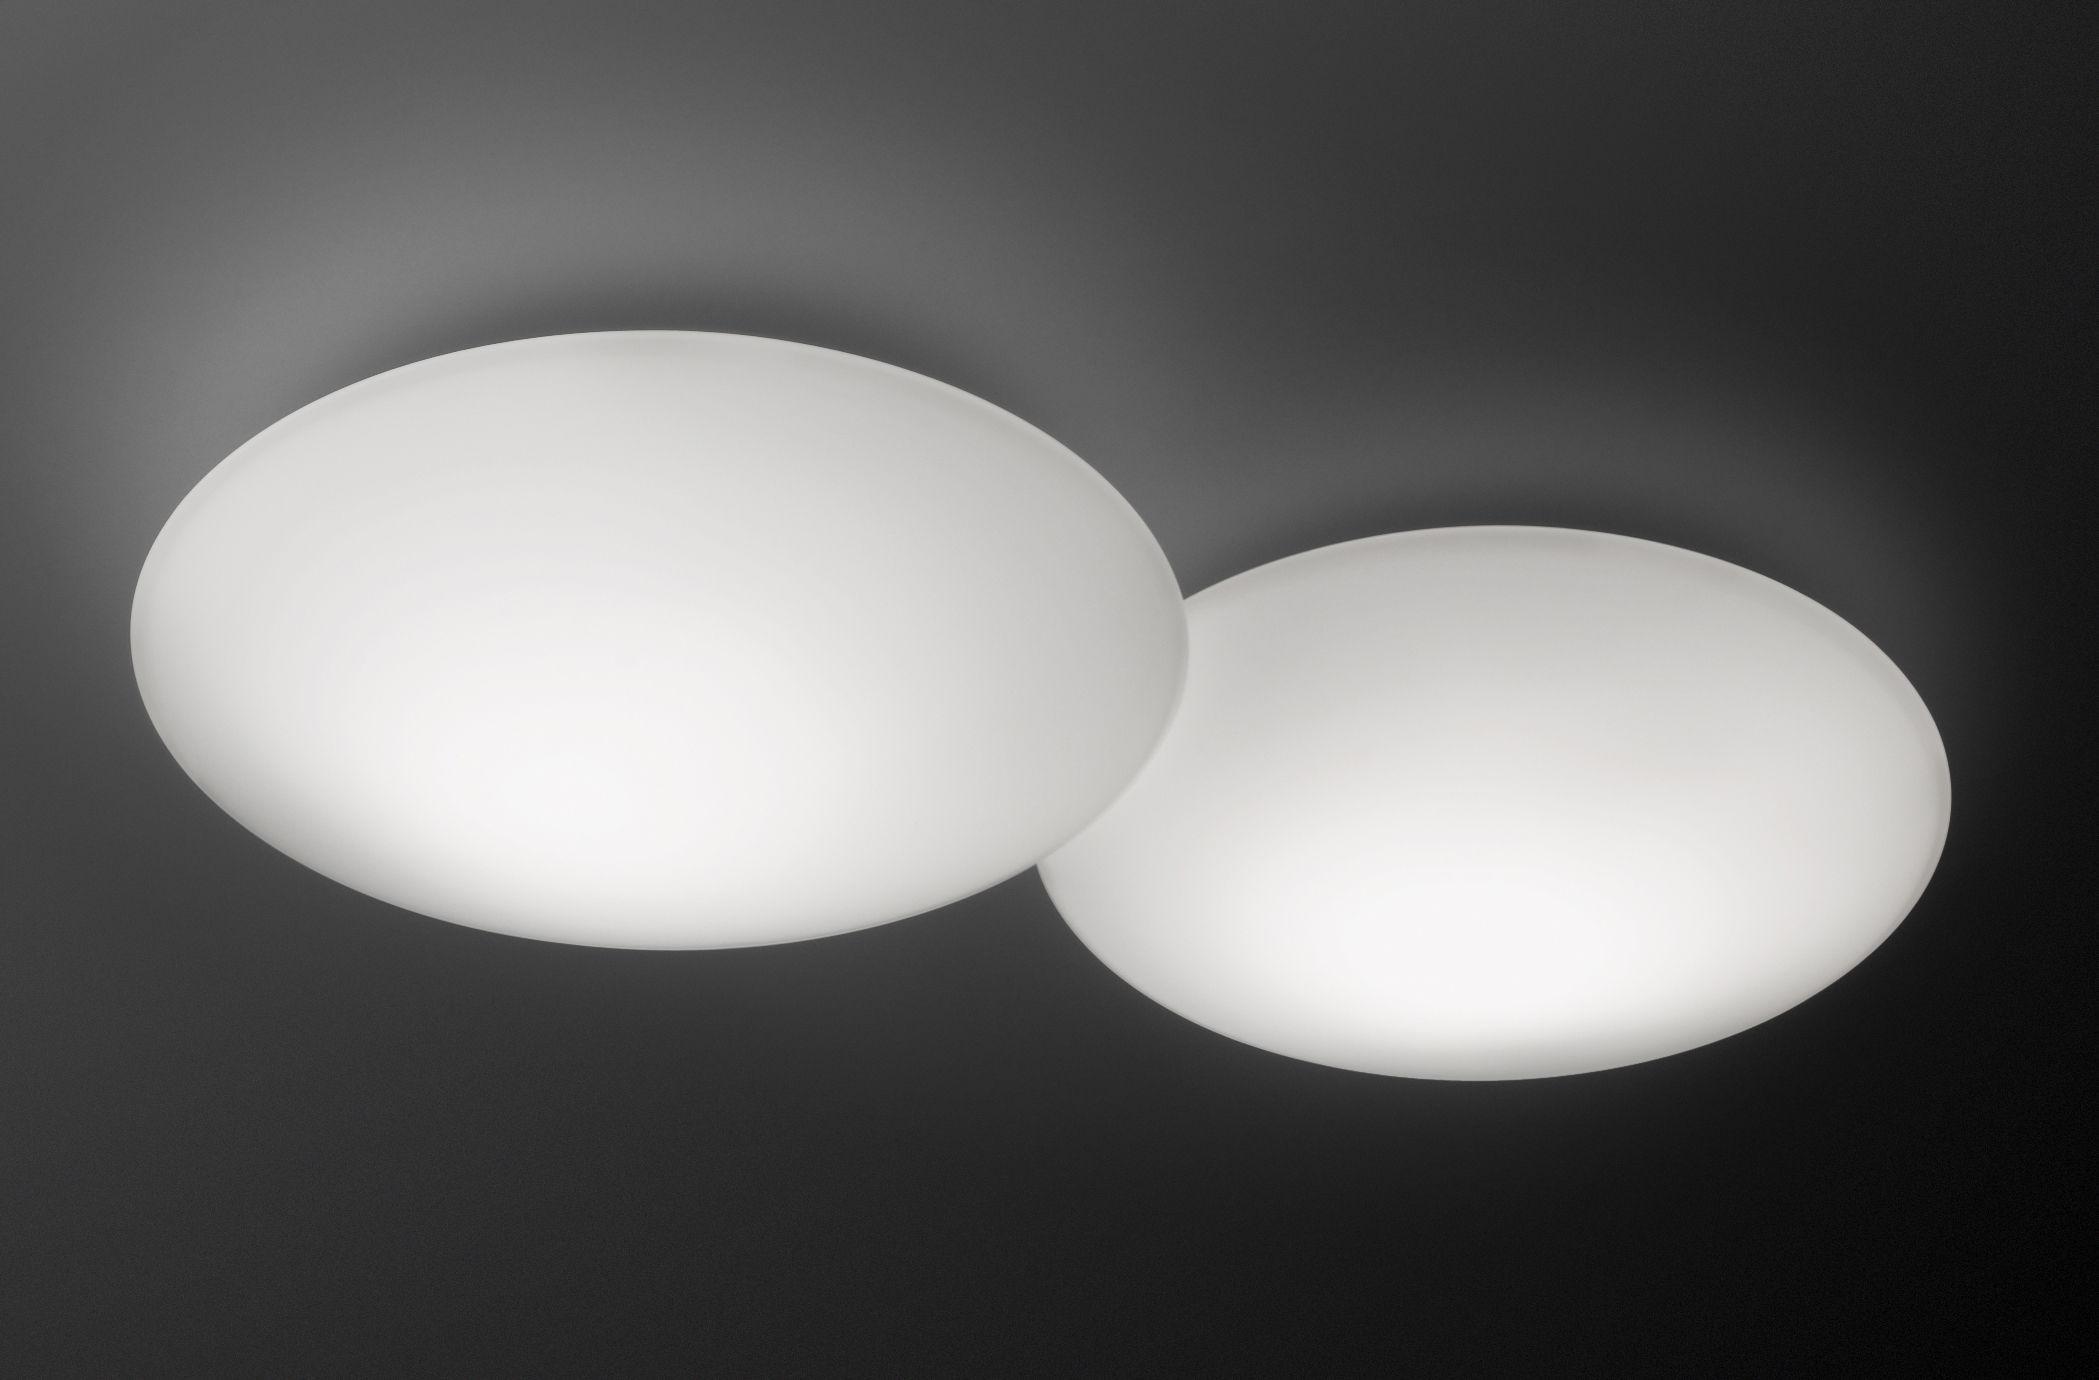 Plafoniere Da Interni A Led : Puck double led applique plafoniera bianco by vibia made in design